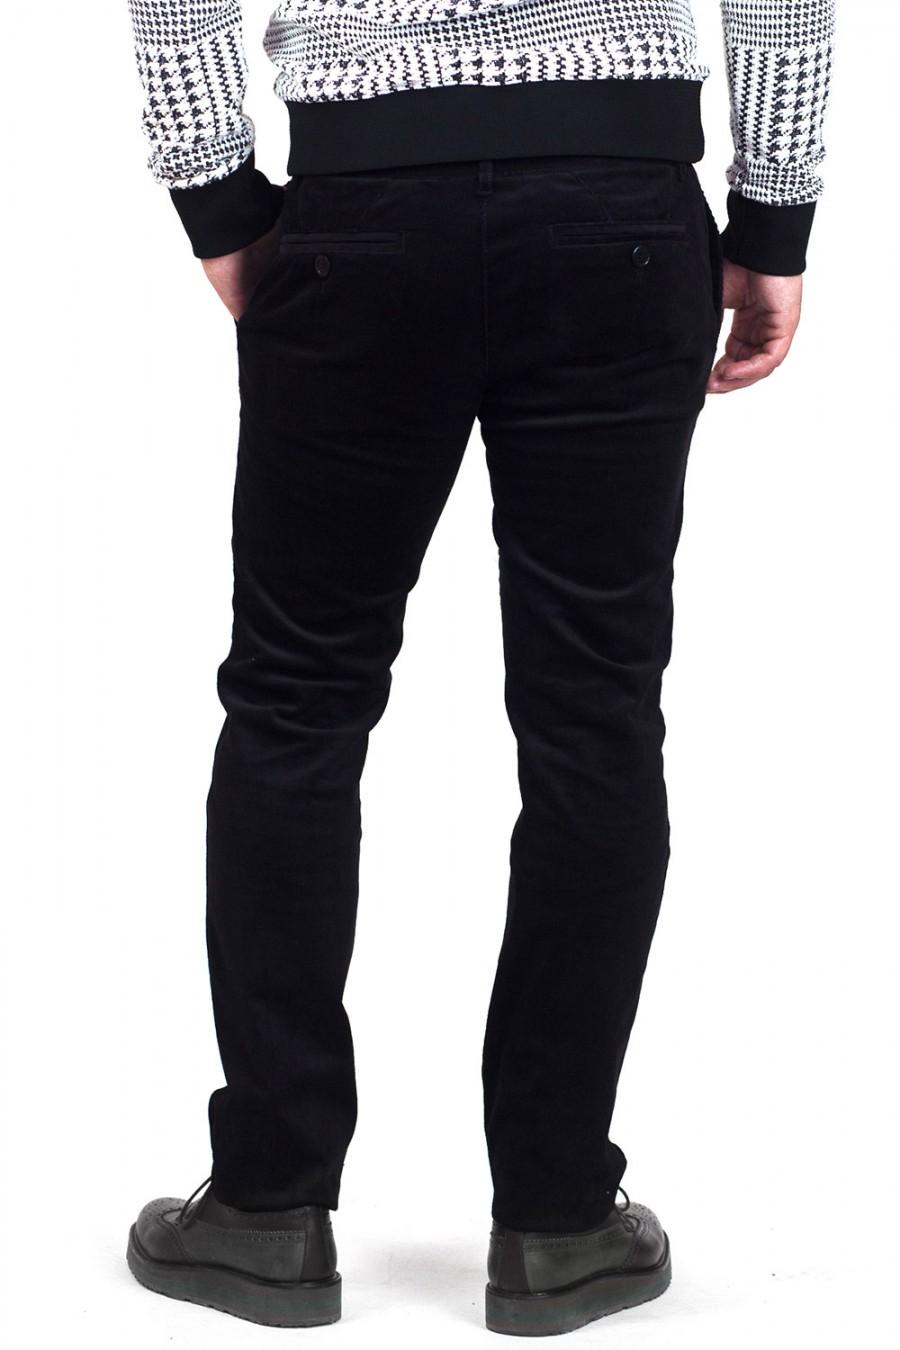 Мужские брюки Н-018-1